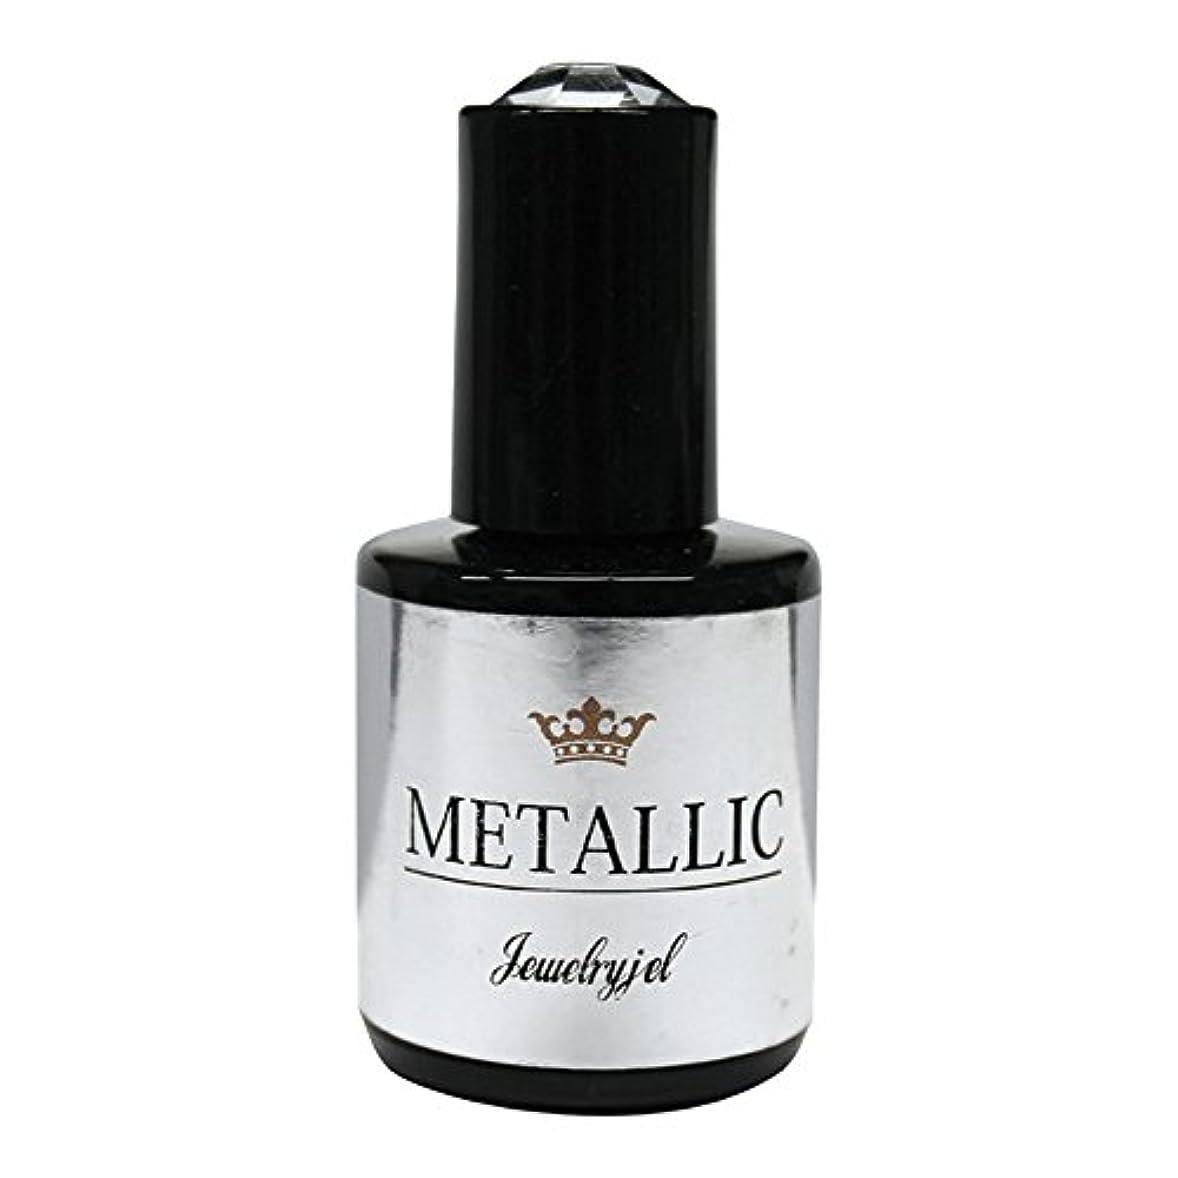 気難しい光沢のある神話ジュエリージェル ジェルネイル  メタリックカラージェル MT038 5ml   UV/LED対応 カラージェル ソークオフジェル